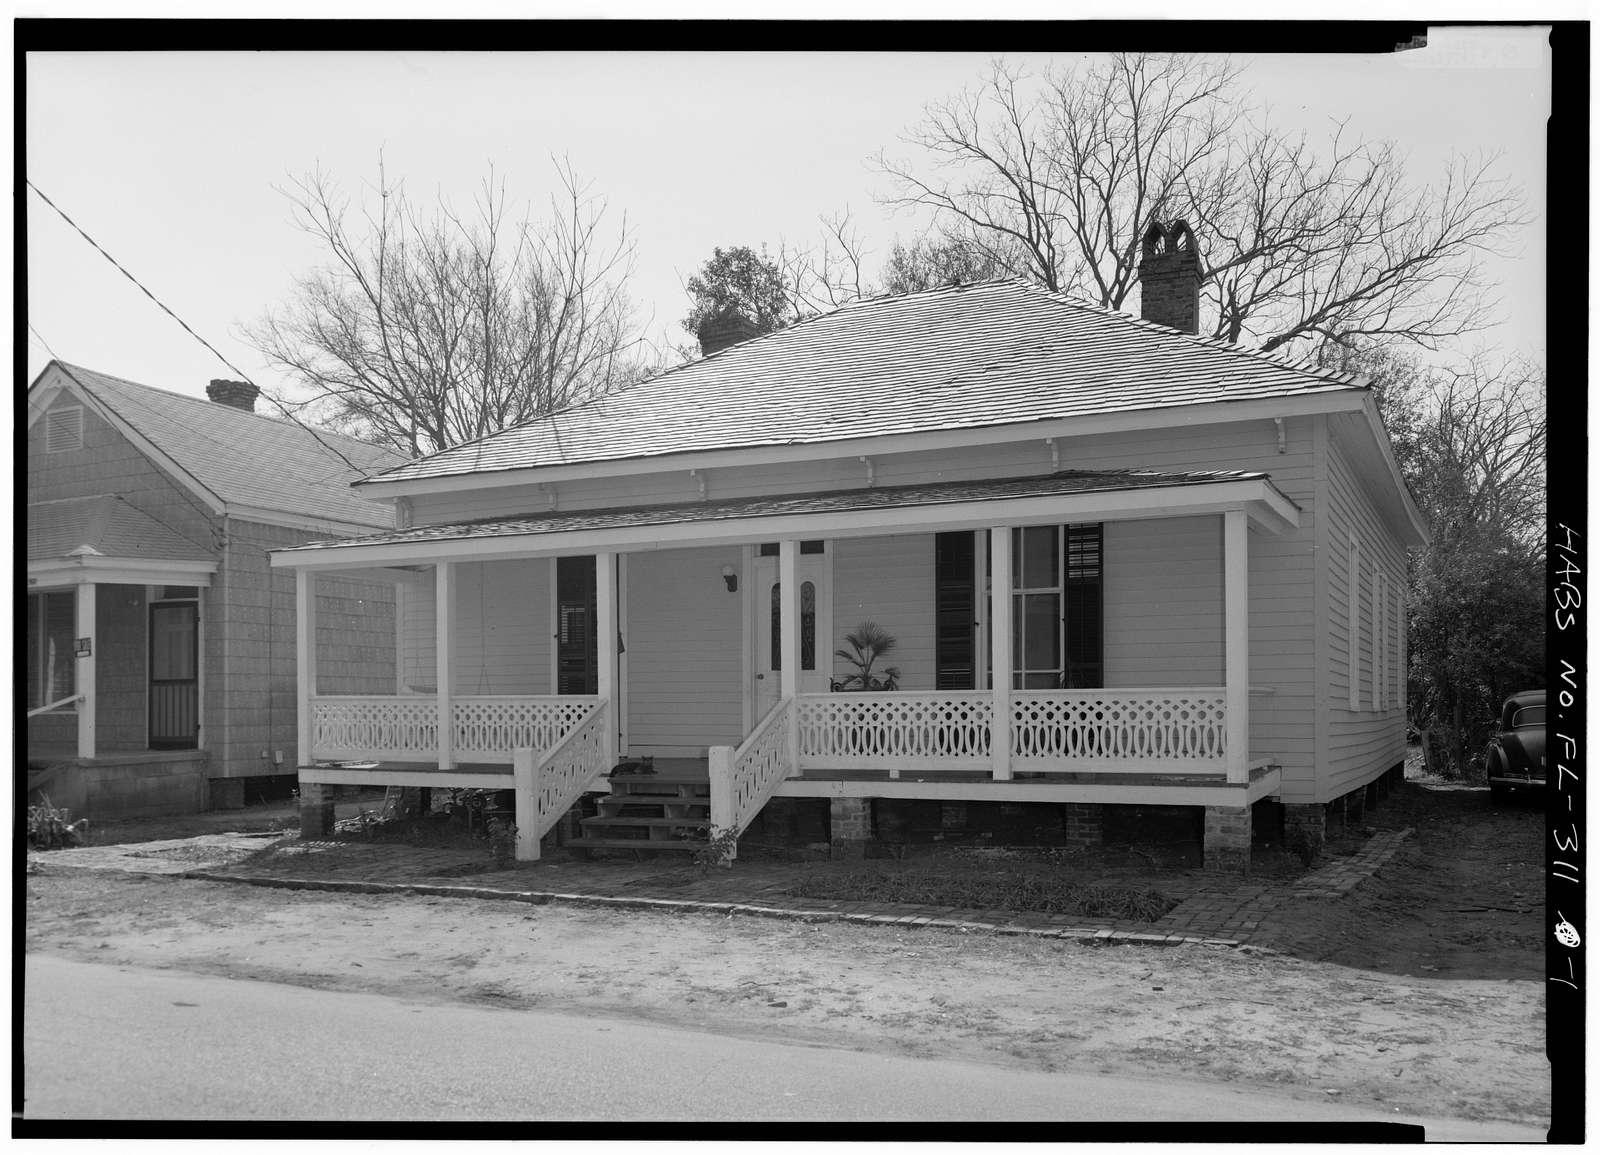 433 East Zaragoza Street (House), Pensacola, Escambia County, FL